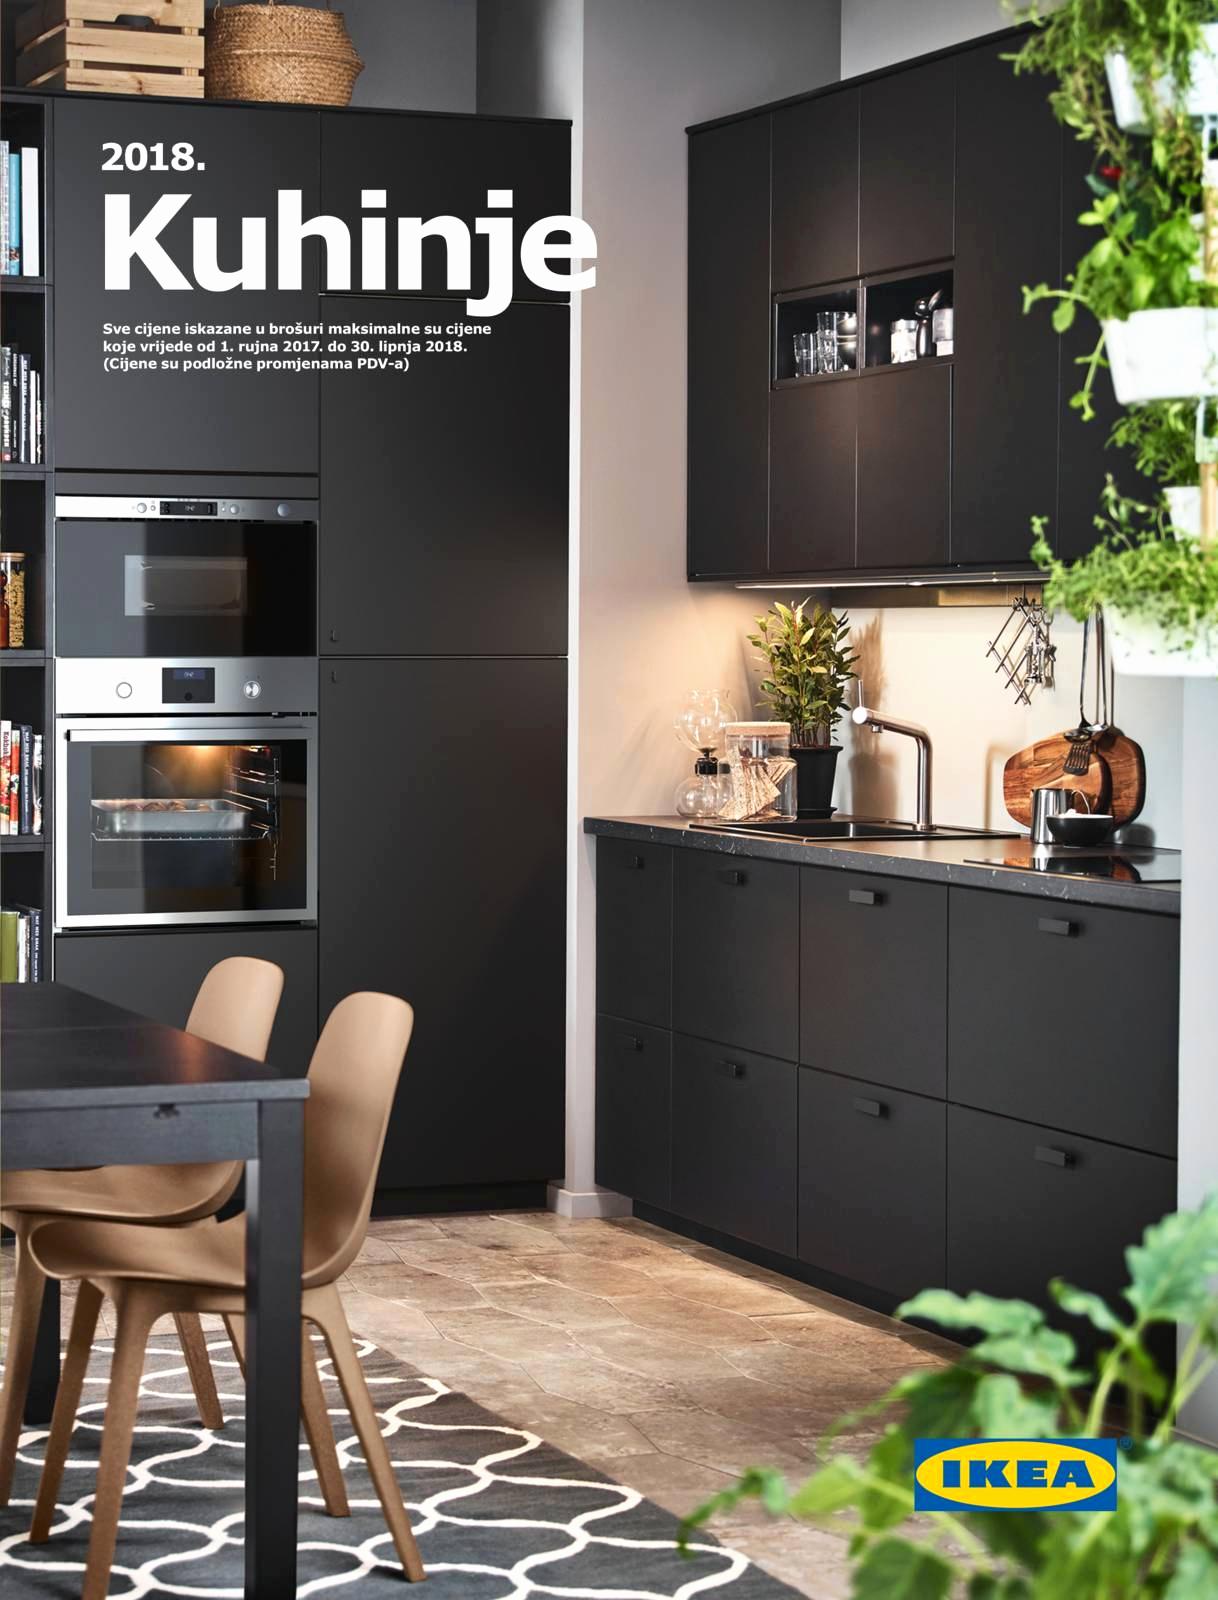 Cuisine Ikea Ringhult Blanc Brillant Avis Beau Photographie 40 Génial Collection De Cuisine Ikea Ringhult Blanc Brillant